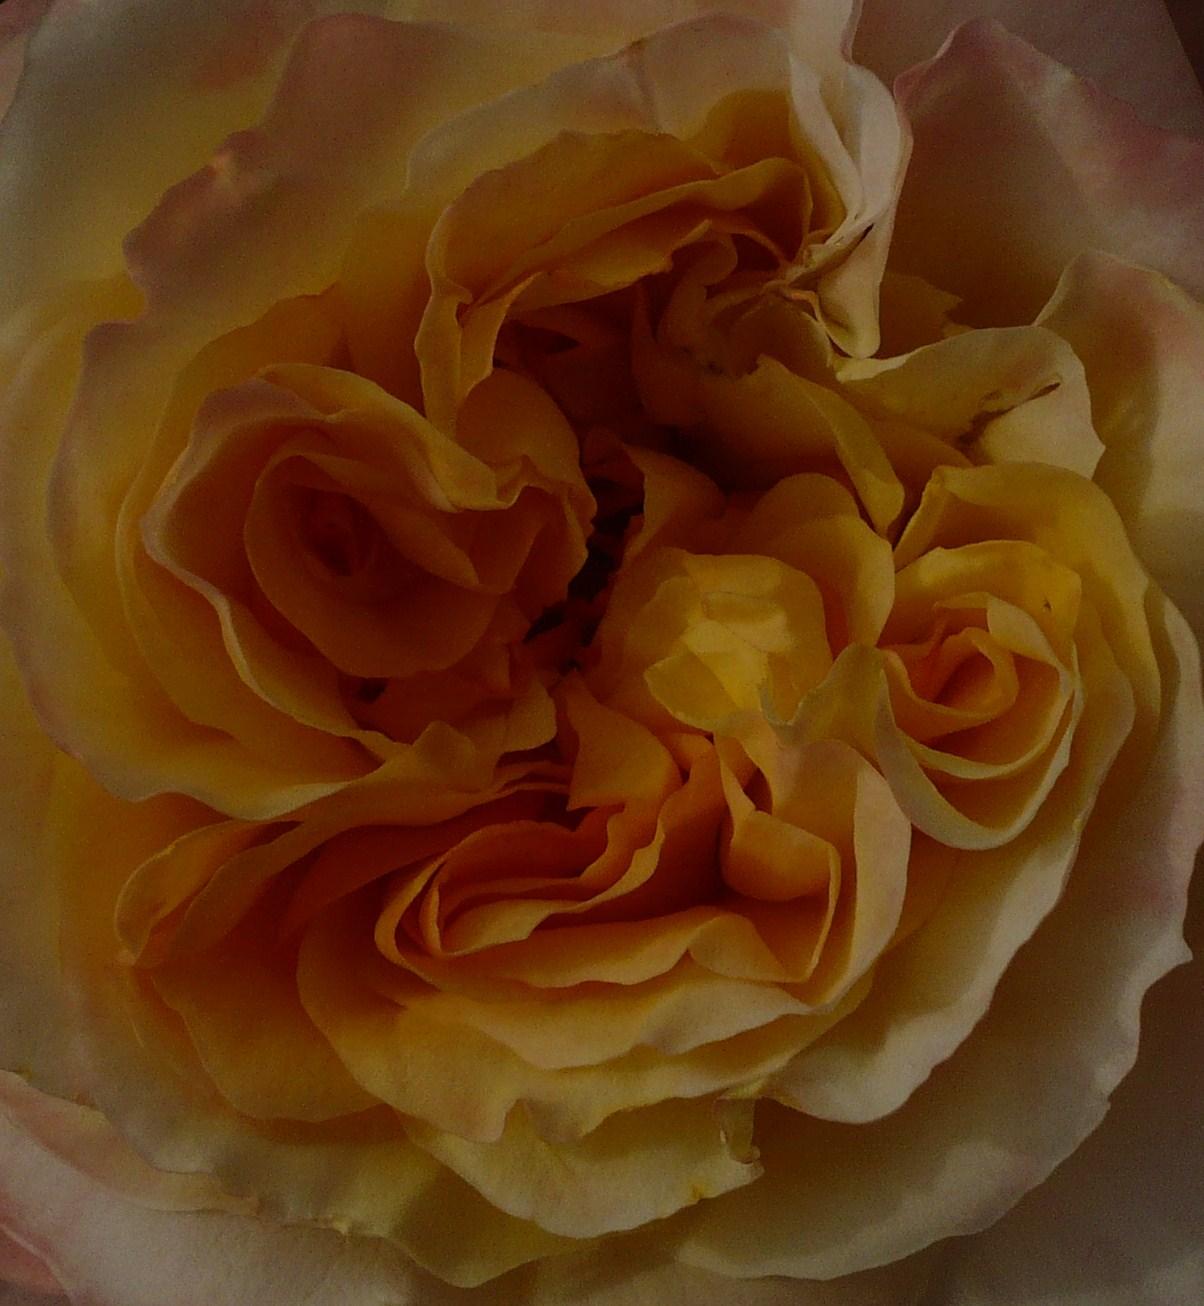 rose-jaune-et-rose-005.JPG